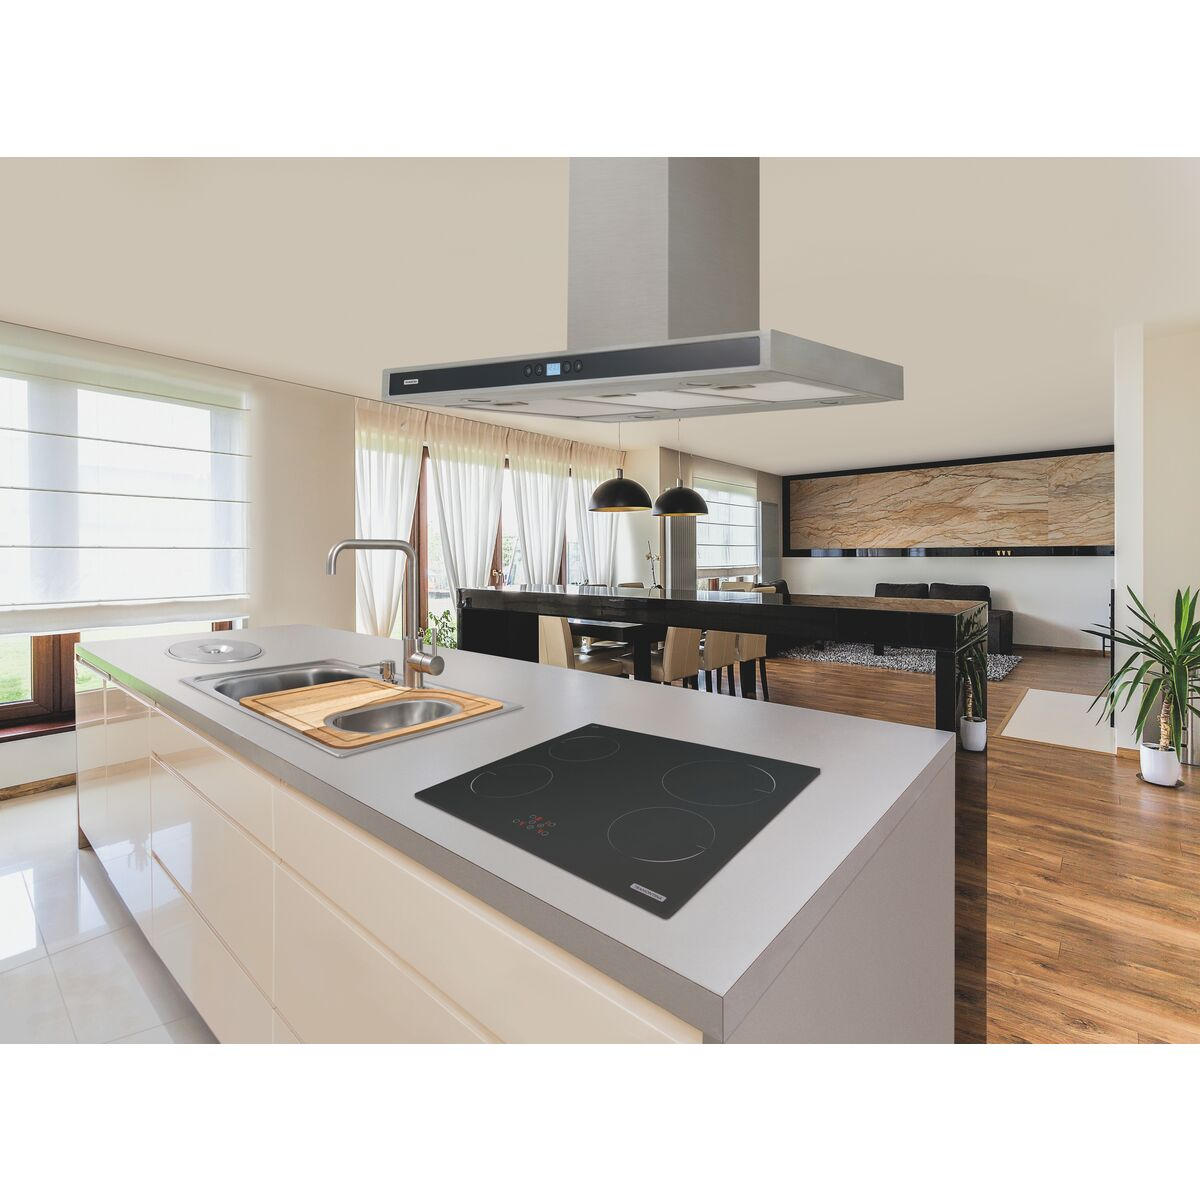 Cozinhas De Luxo Com Ilha Cozinha Com Ilha Bela Cozinha Em Uma